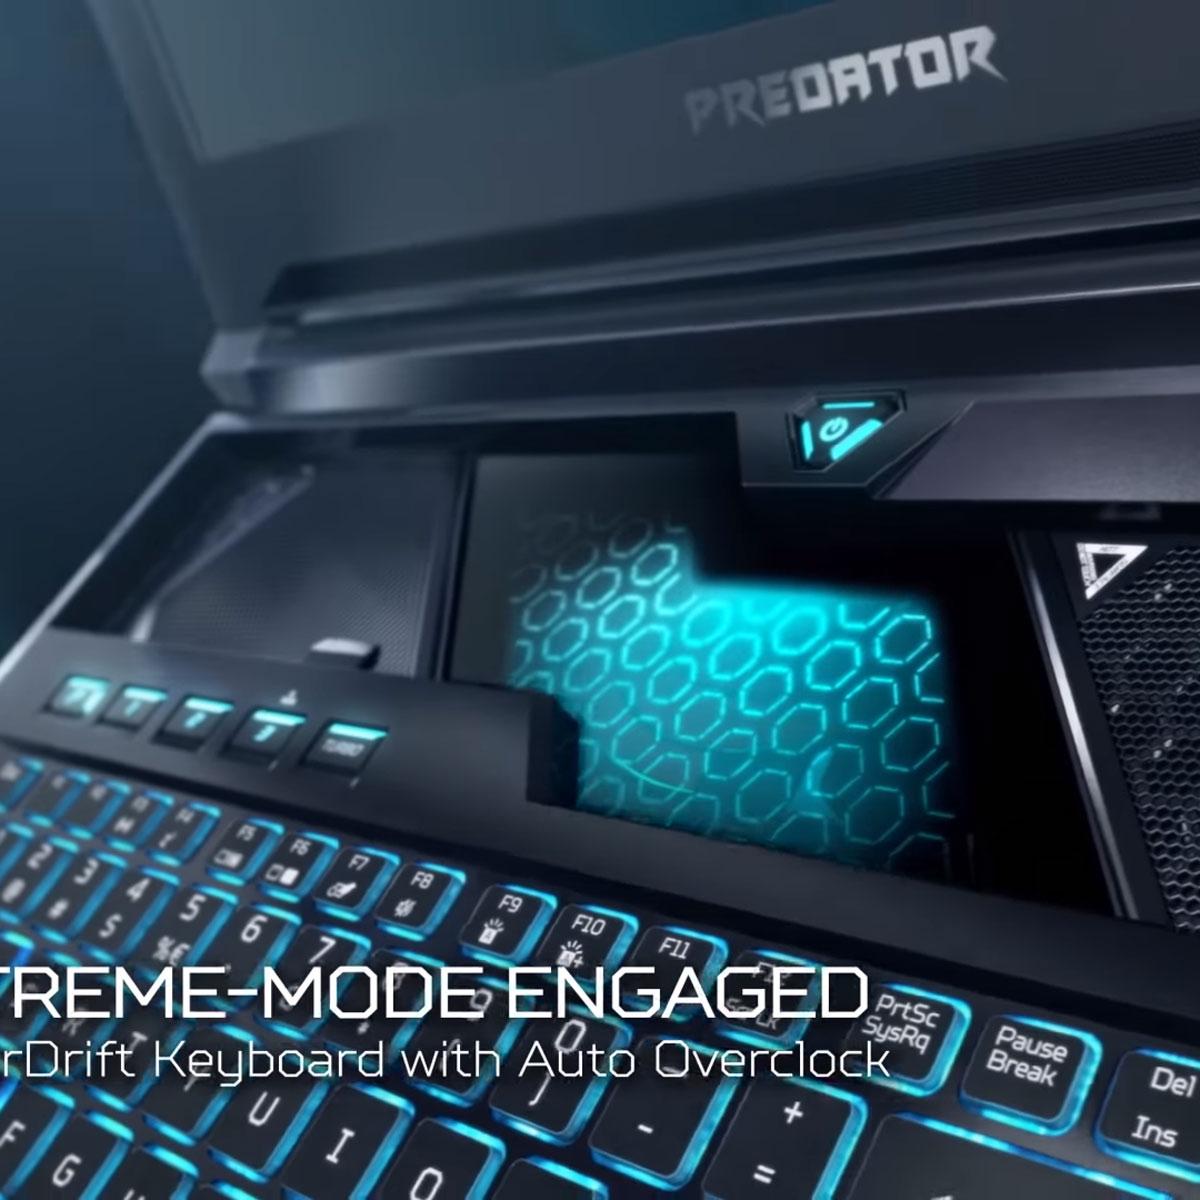 スライドする変形キーボード搭載ゲーミングノート「Predator Helios 700」が話題